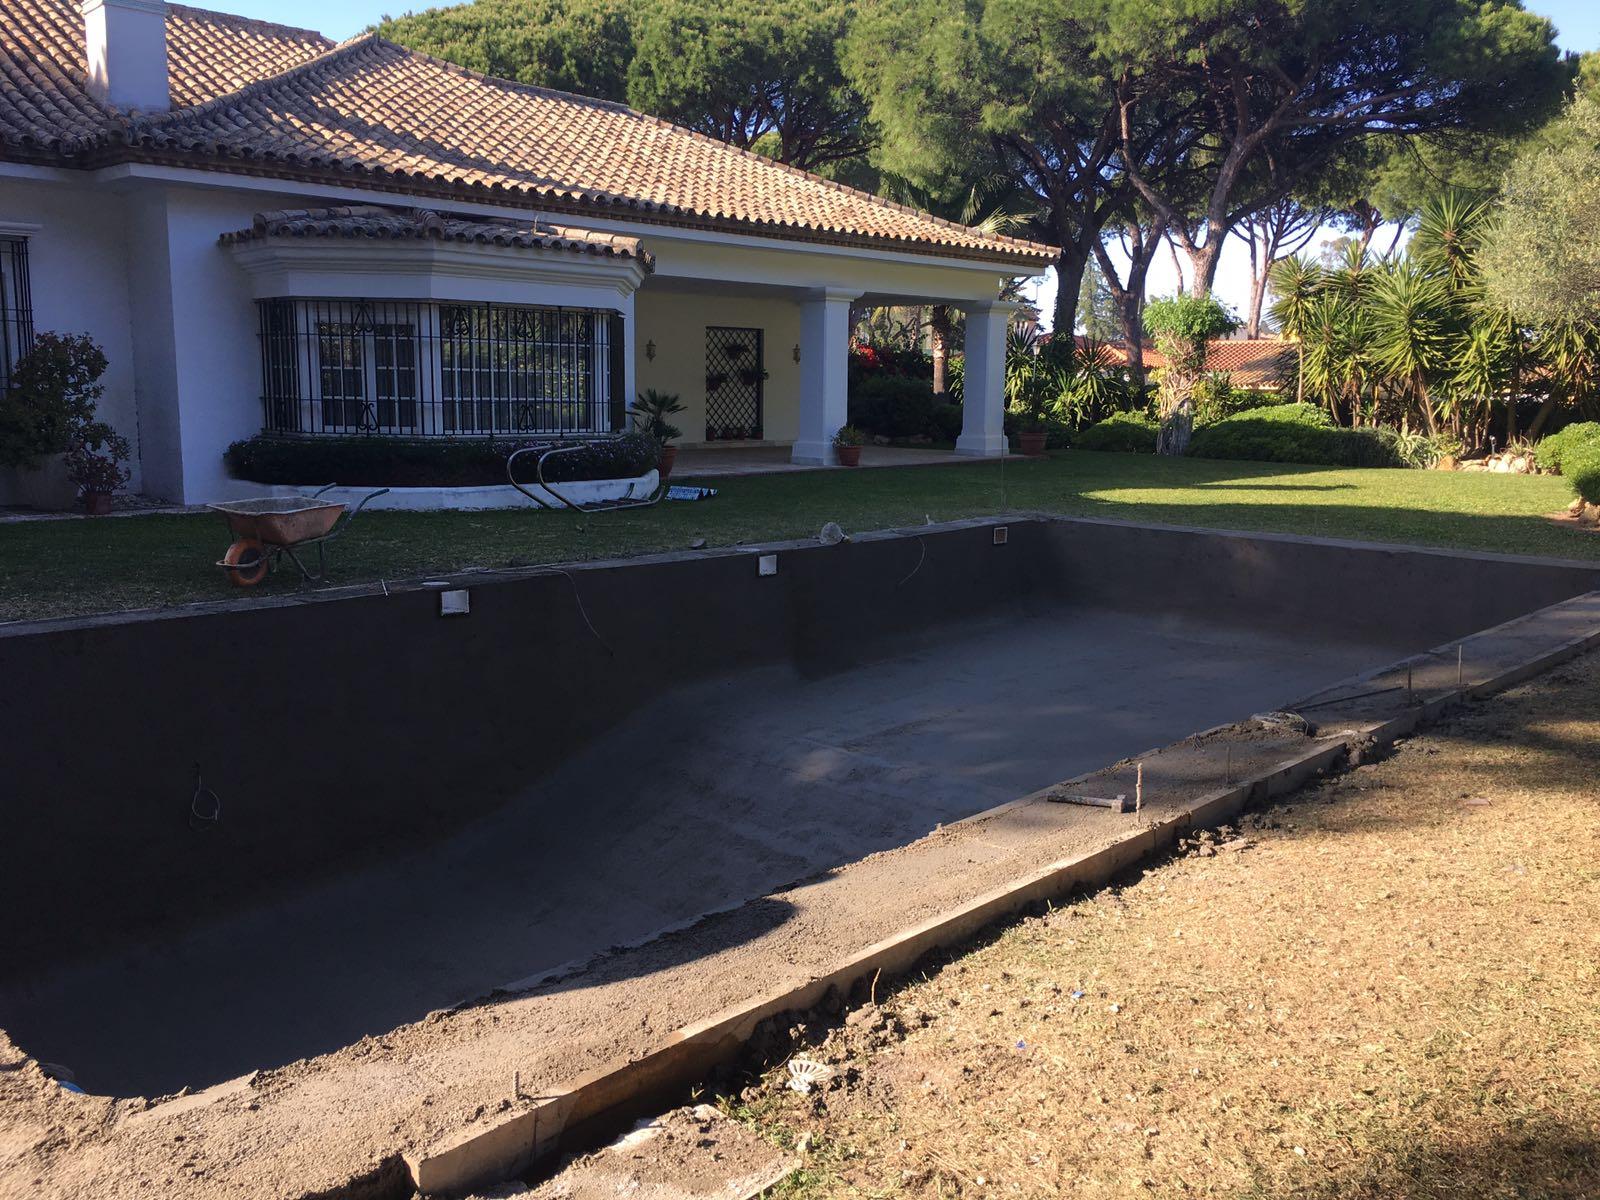 Nuevo proyecto de piscina en el puerto de santa maria for Proyecto de piscina